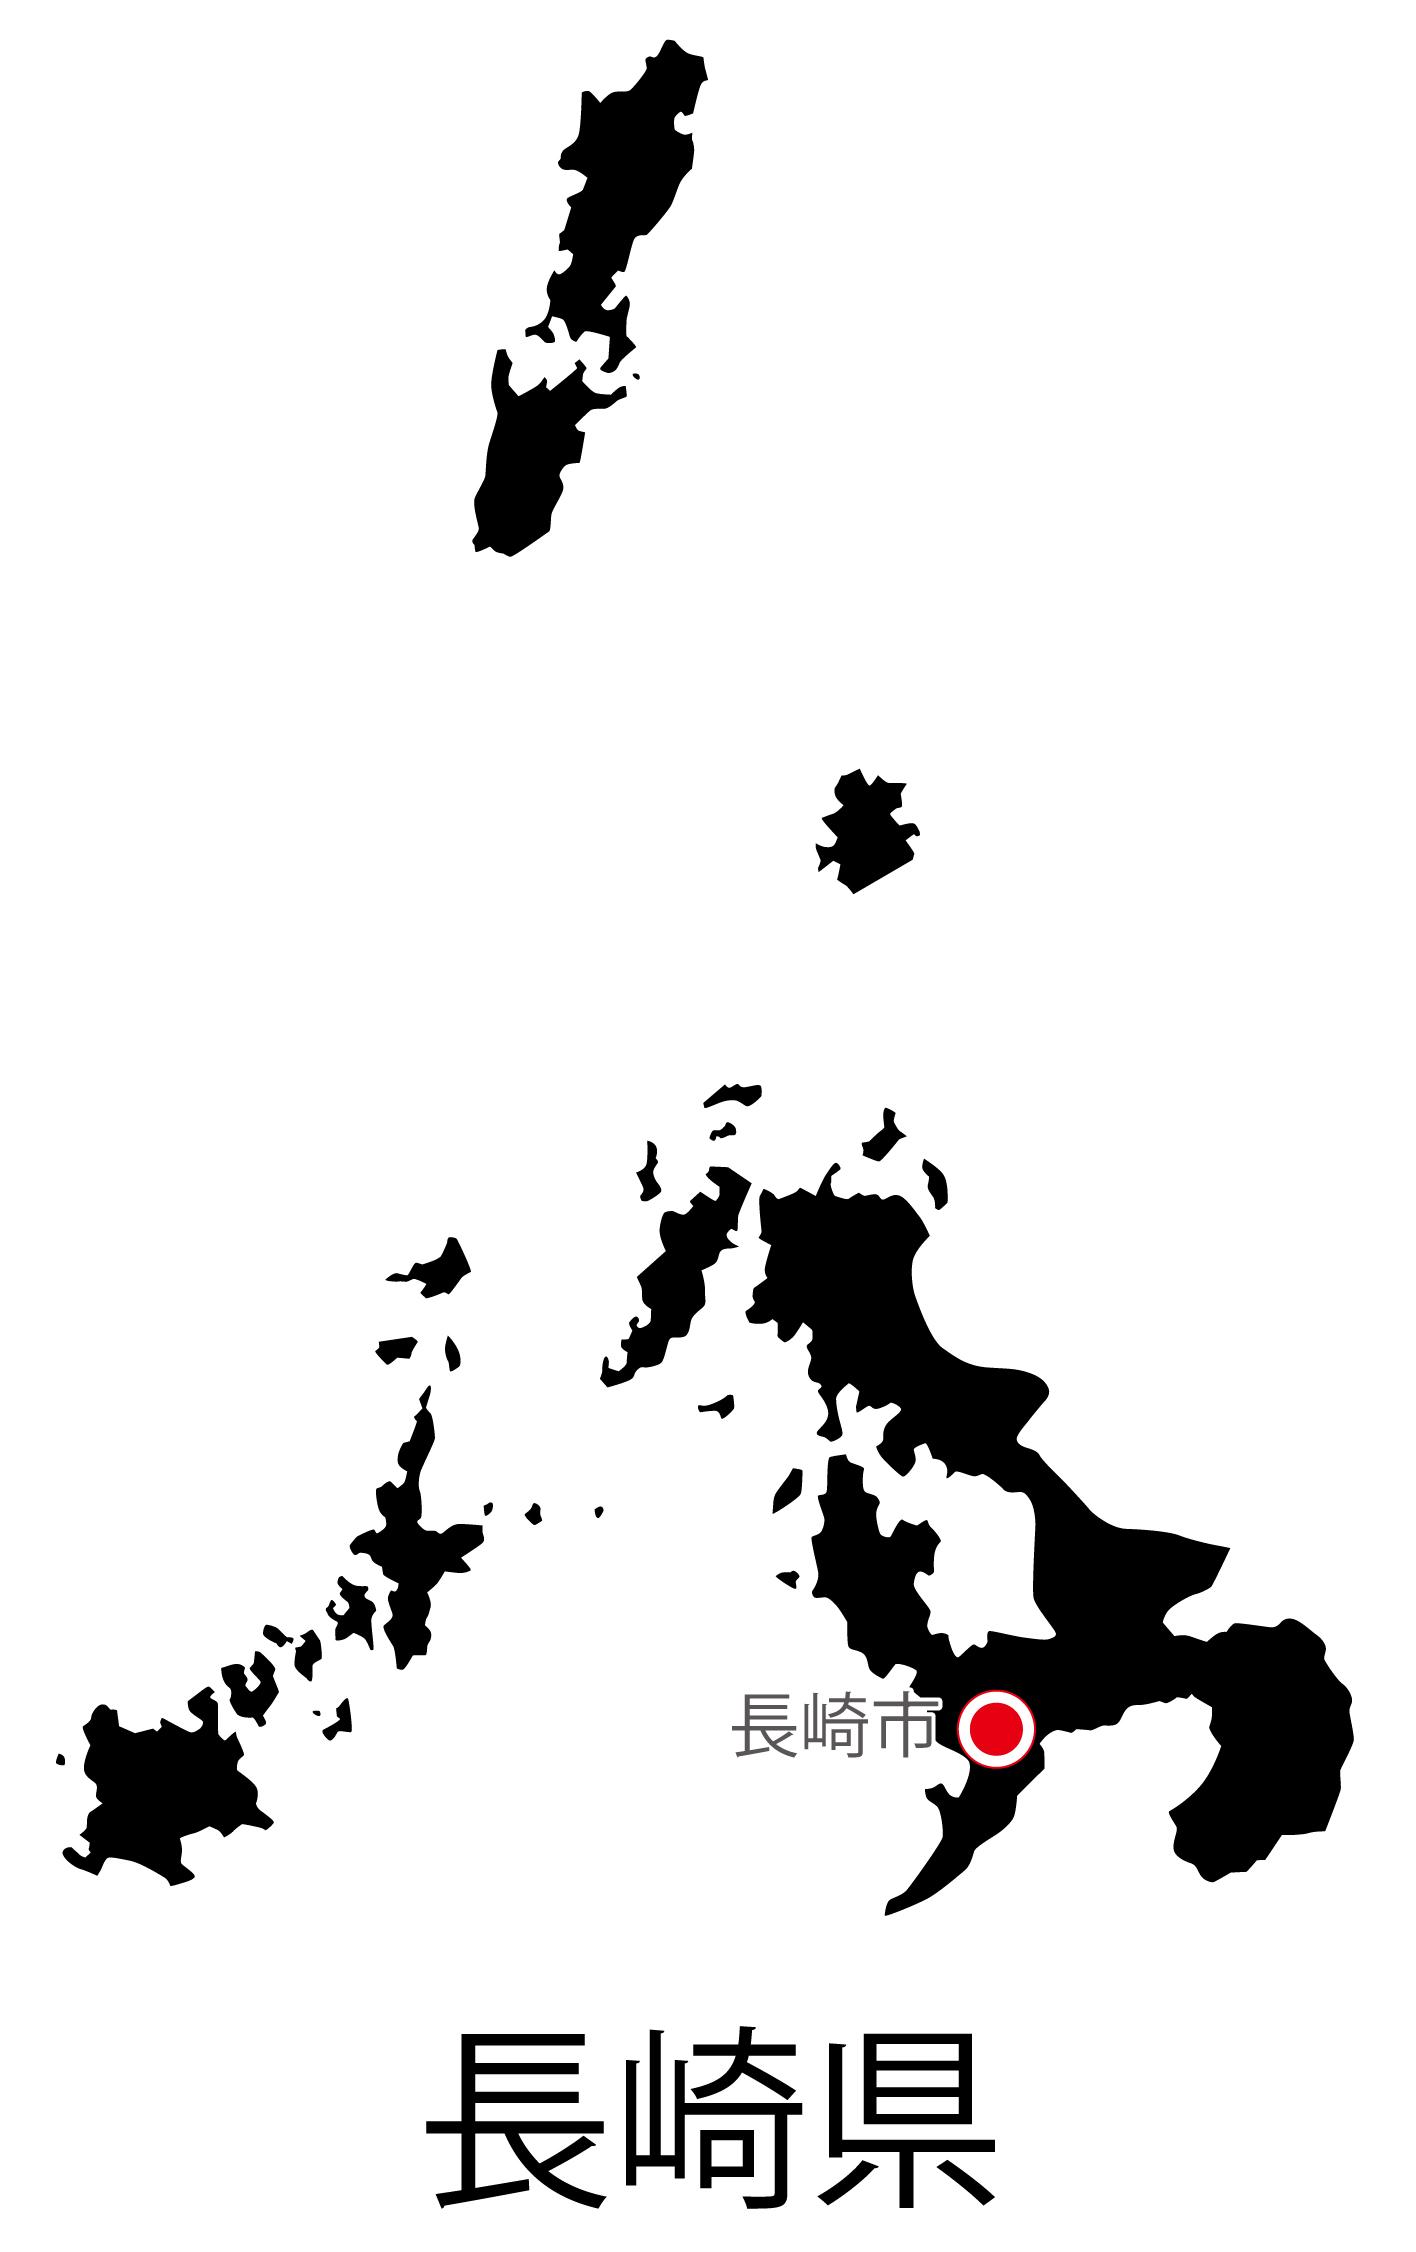 長崎県無料フリーイラスト|日本語・都道府県名あり・県庁所在地あり(黒)